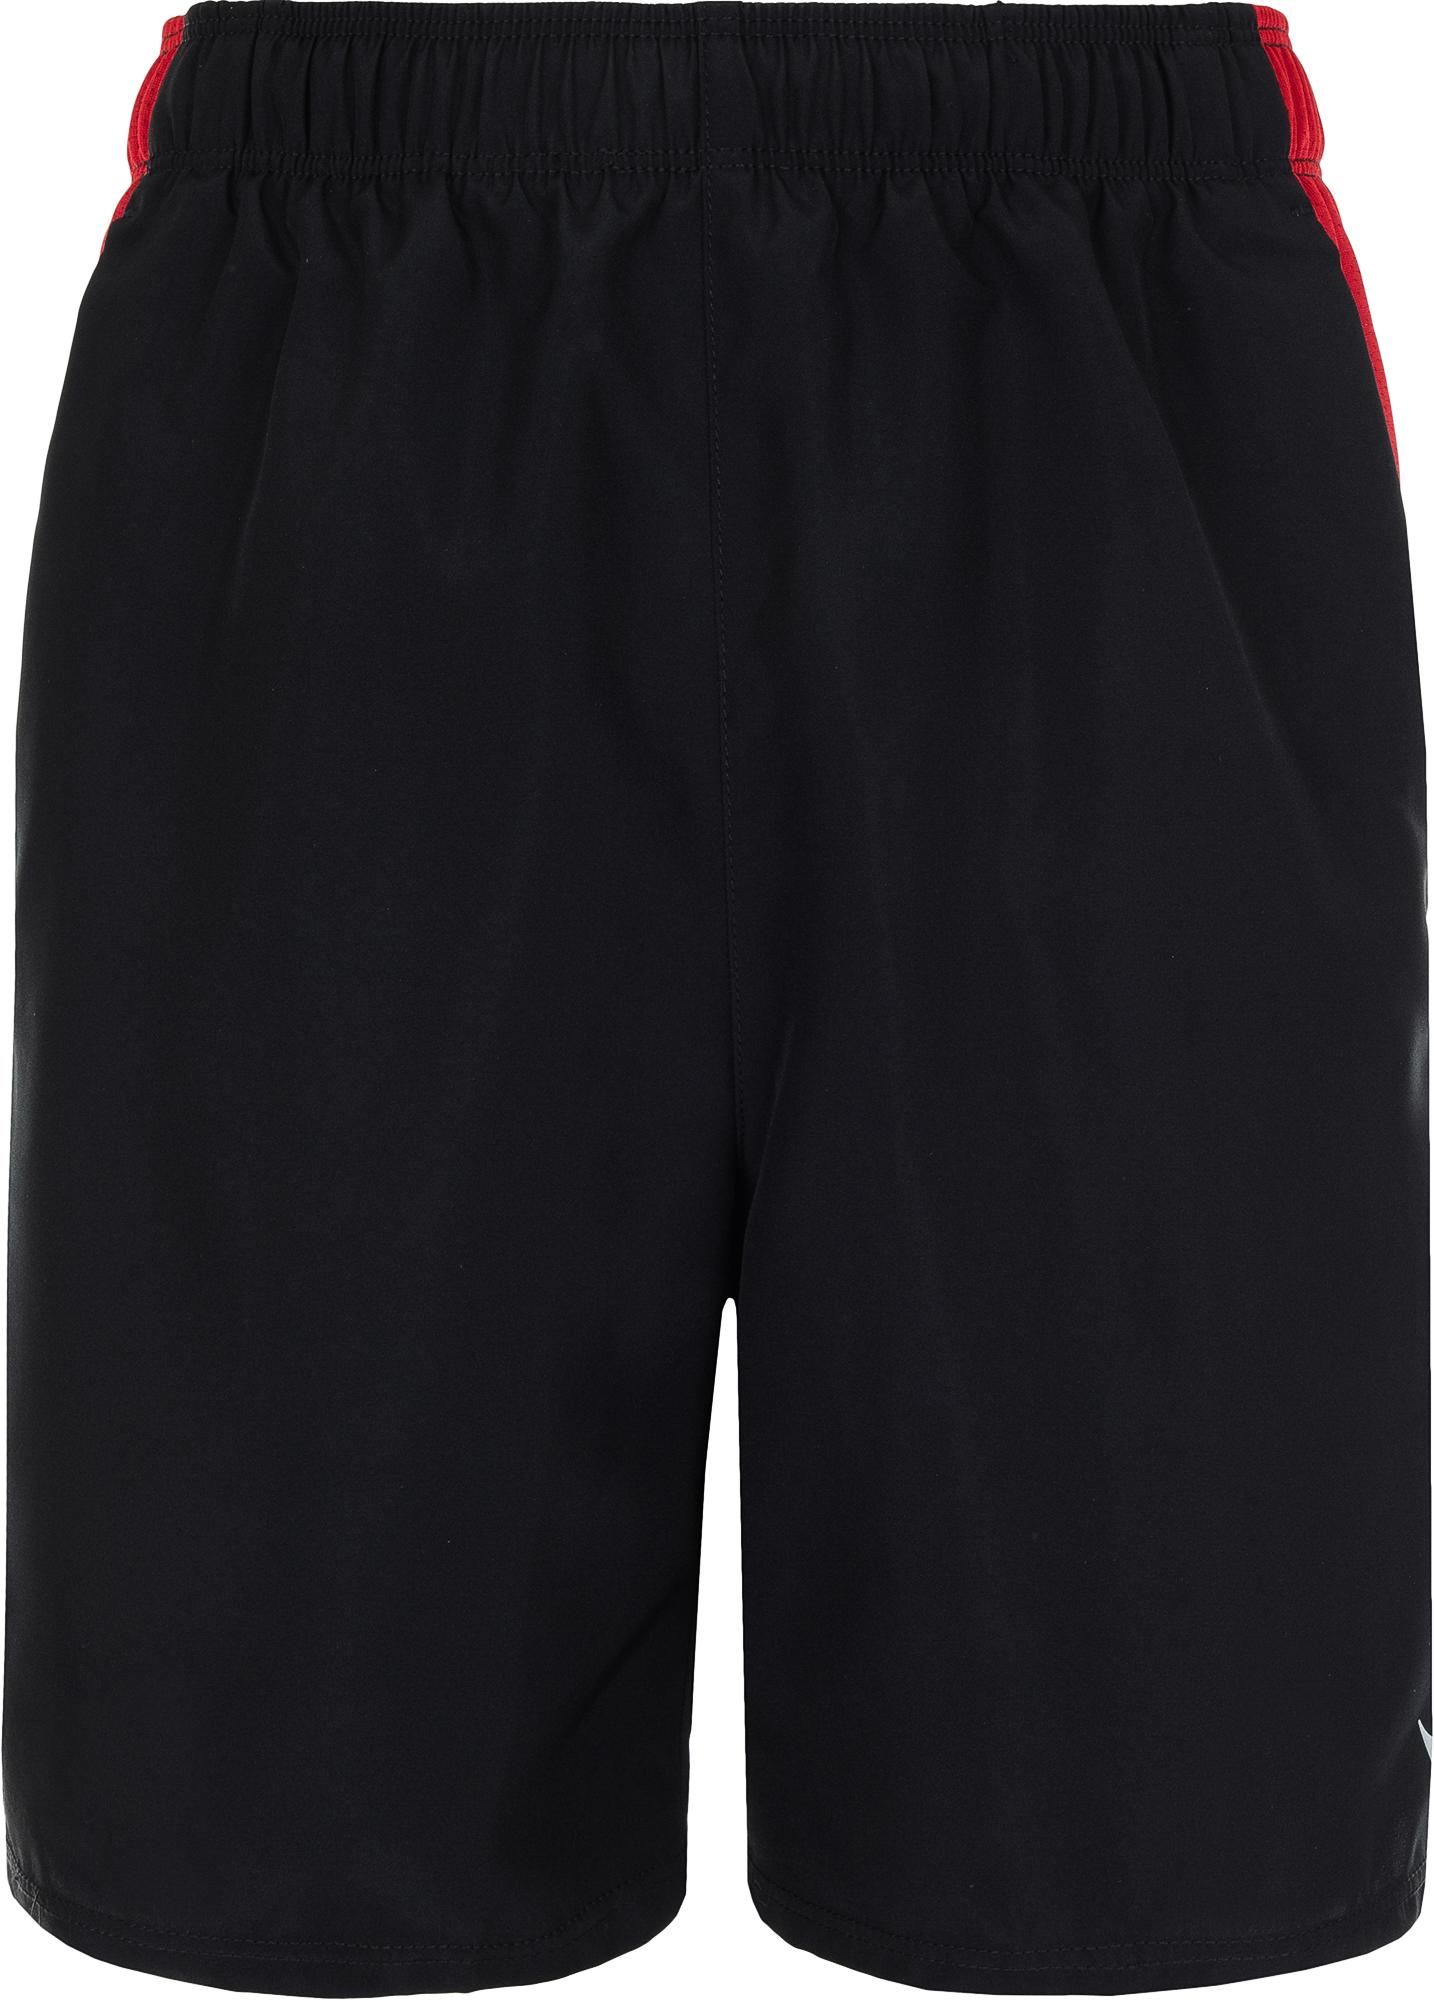 цены на Nike Шорты для мальчиков Nike Flex Challenger, размер 158-170 в интернет-магазинах